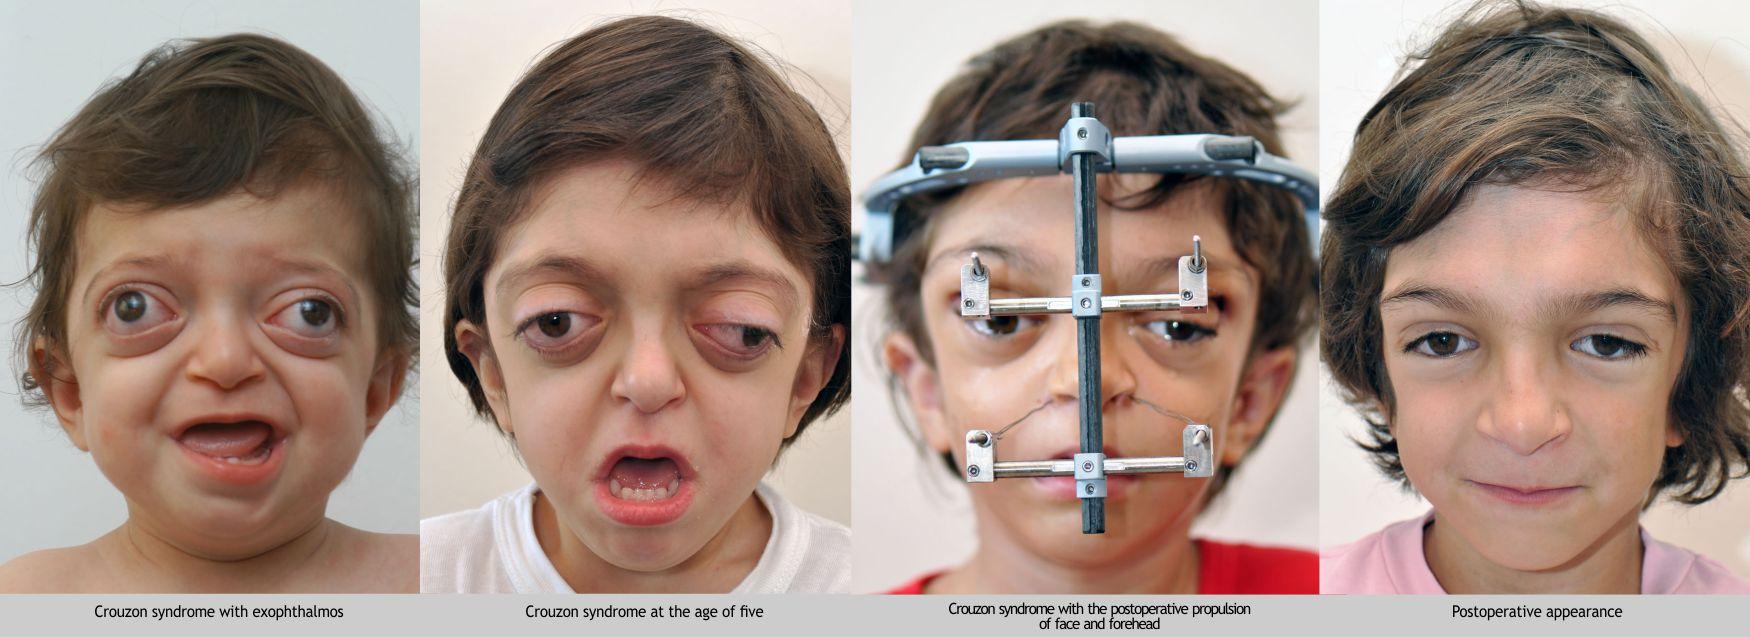 23-crouzon-syndrome